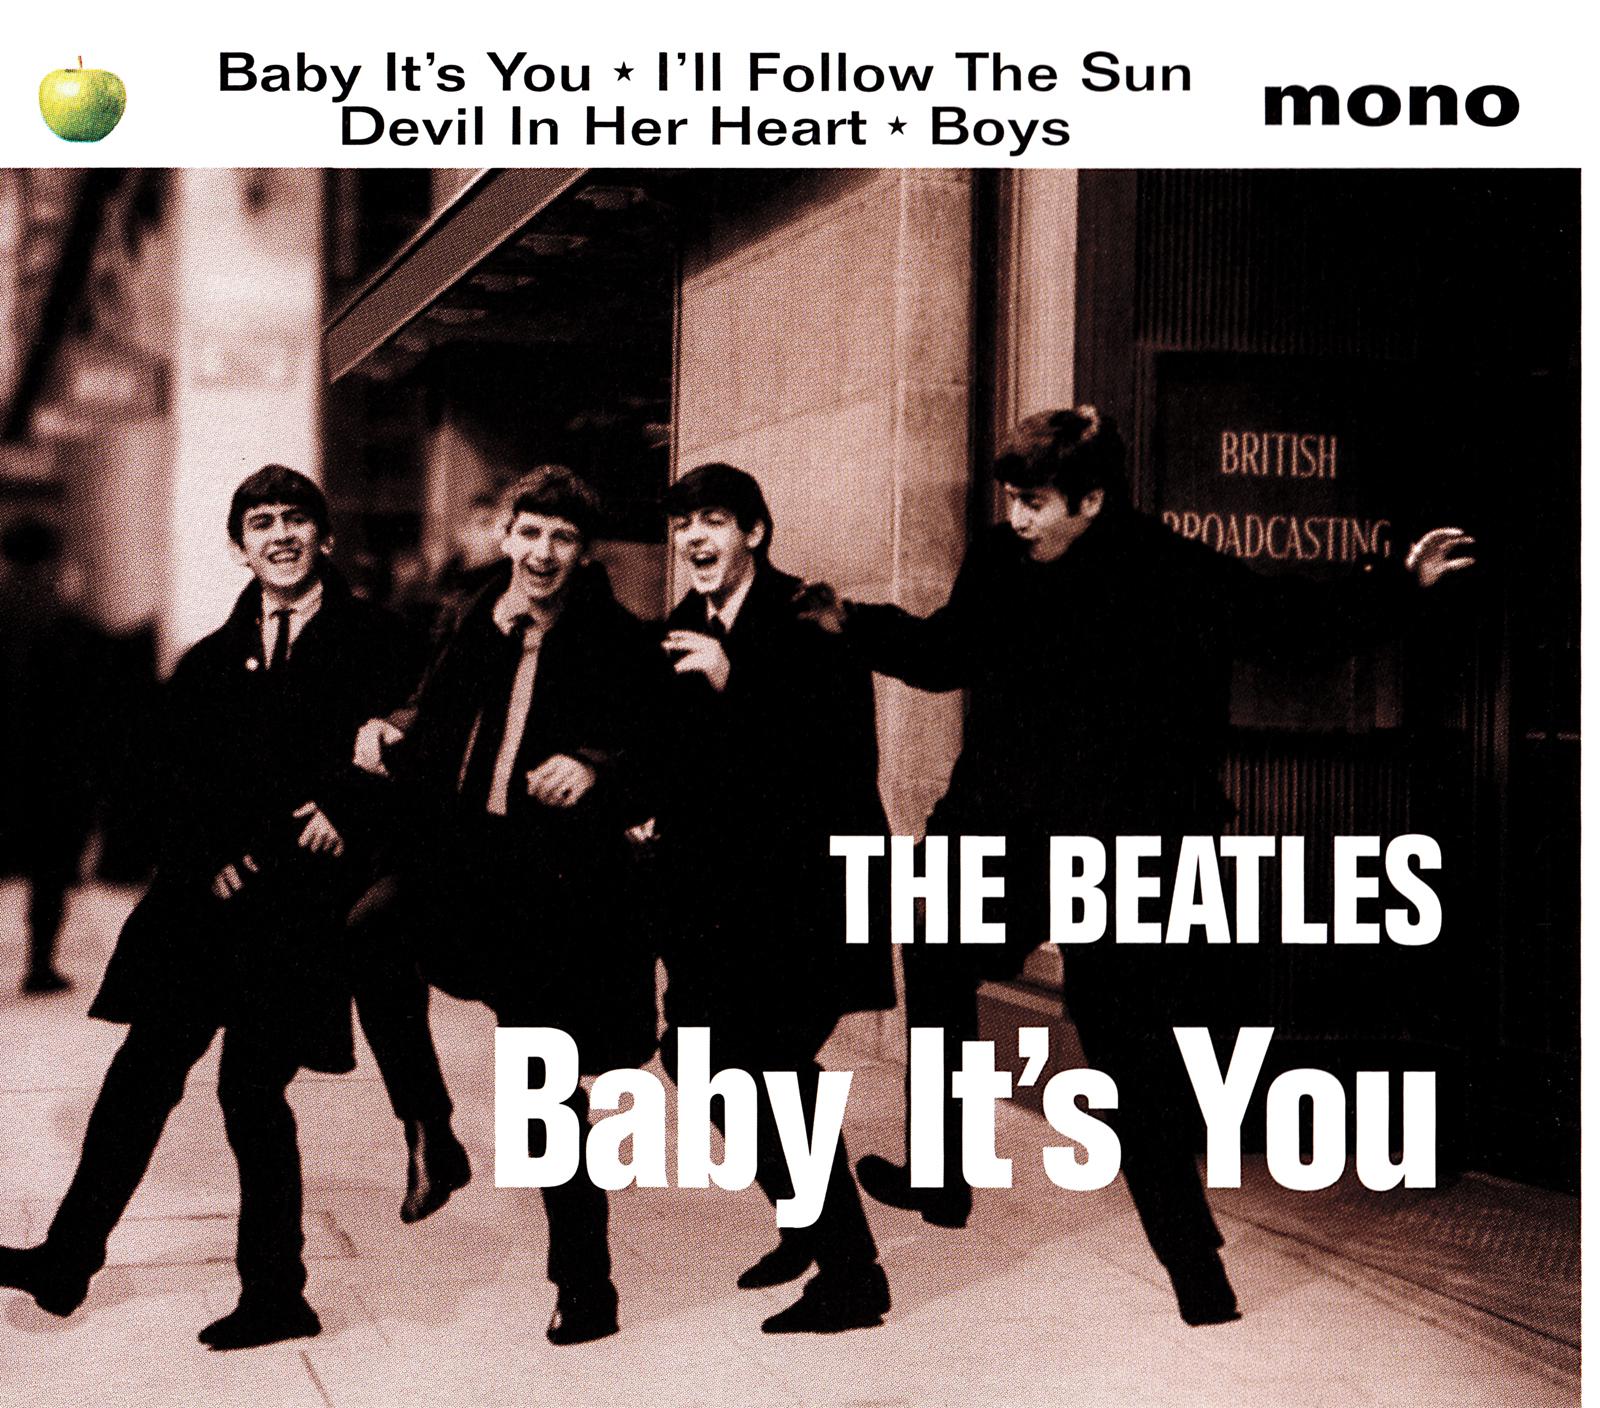 The Beatles (ザ・ビートルズ) マキシシングル『Baby It's You』(UK盤) 高画質ジャケット画像